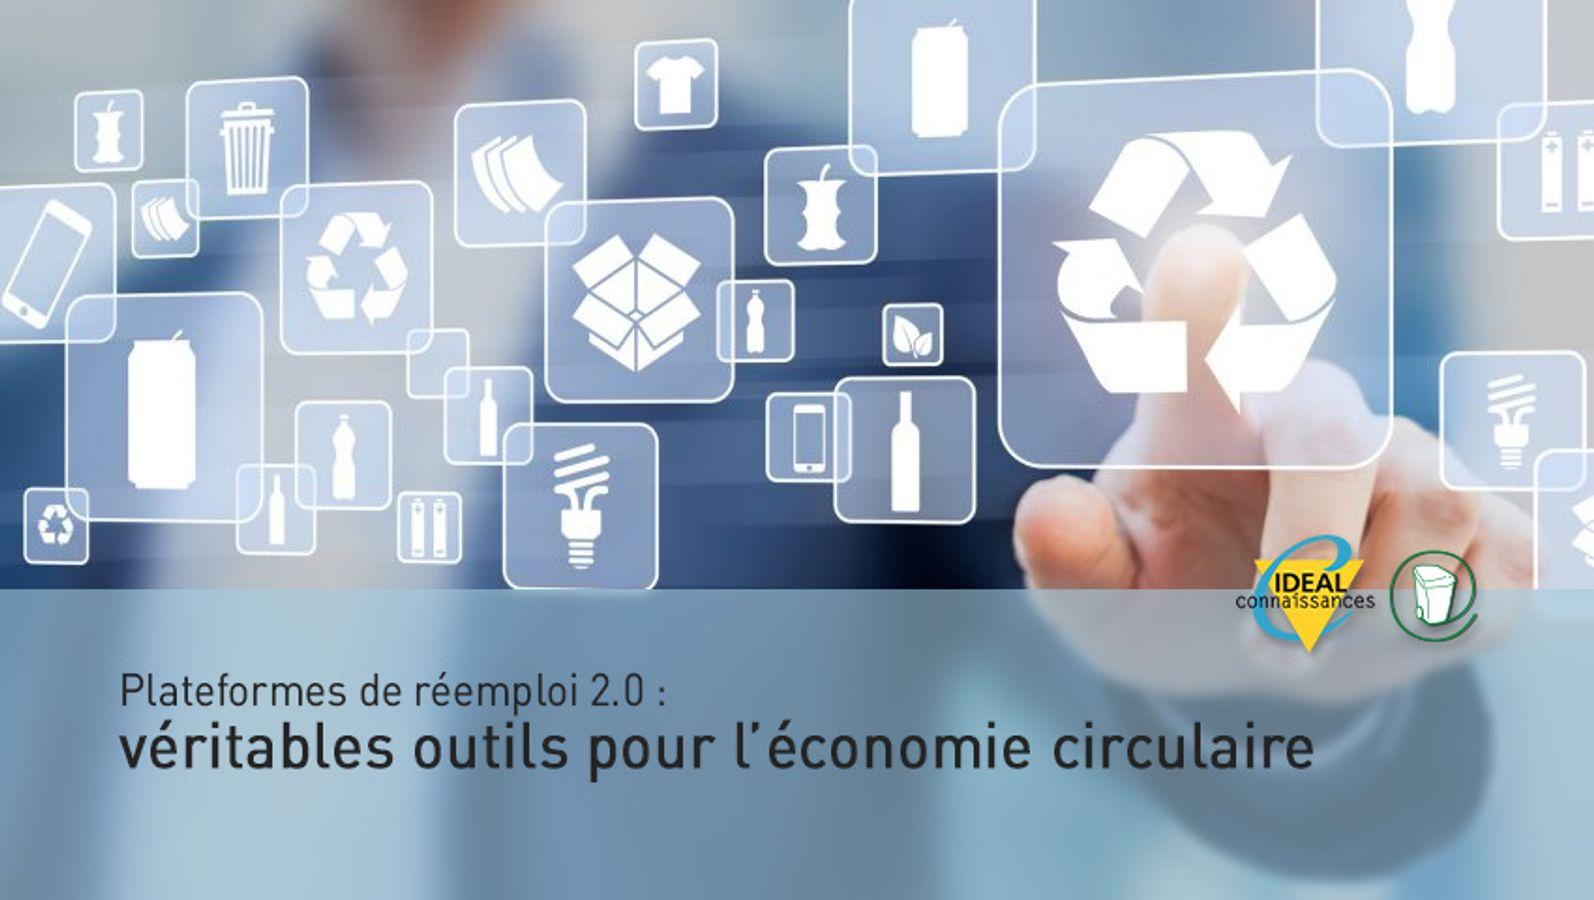 Plateformes de réemploi 2.0 : véritables outils pour l'économie circulaire